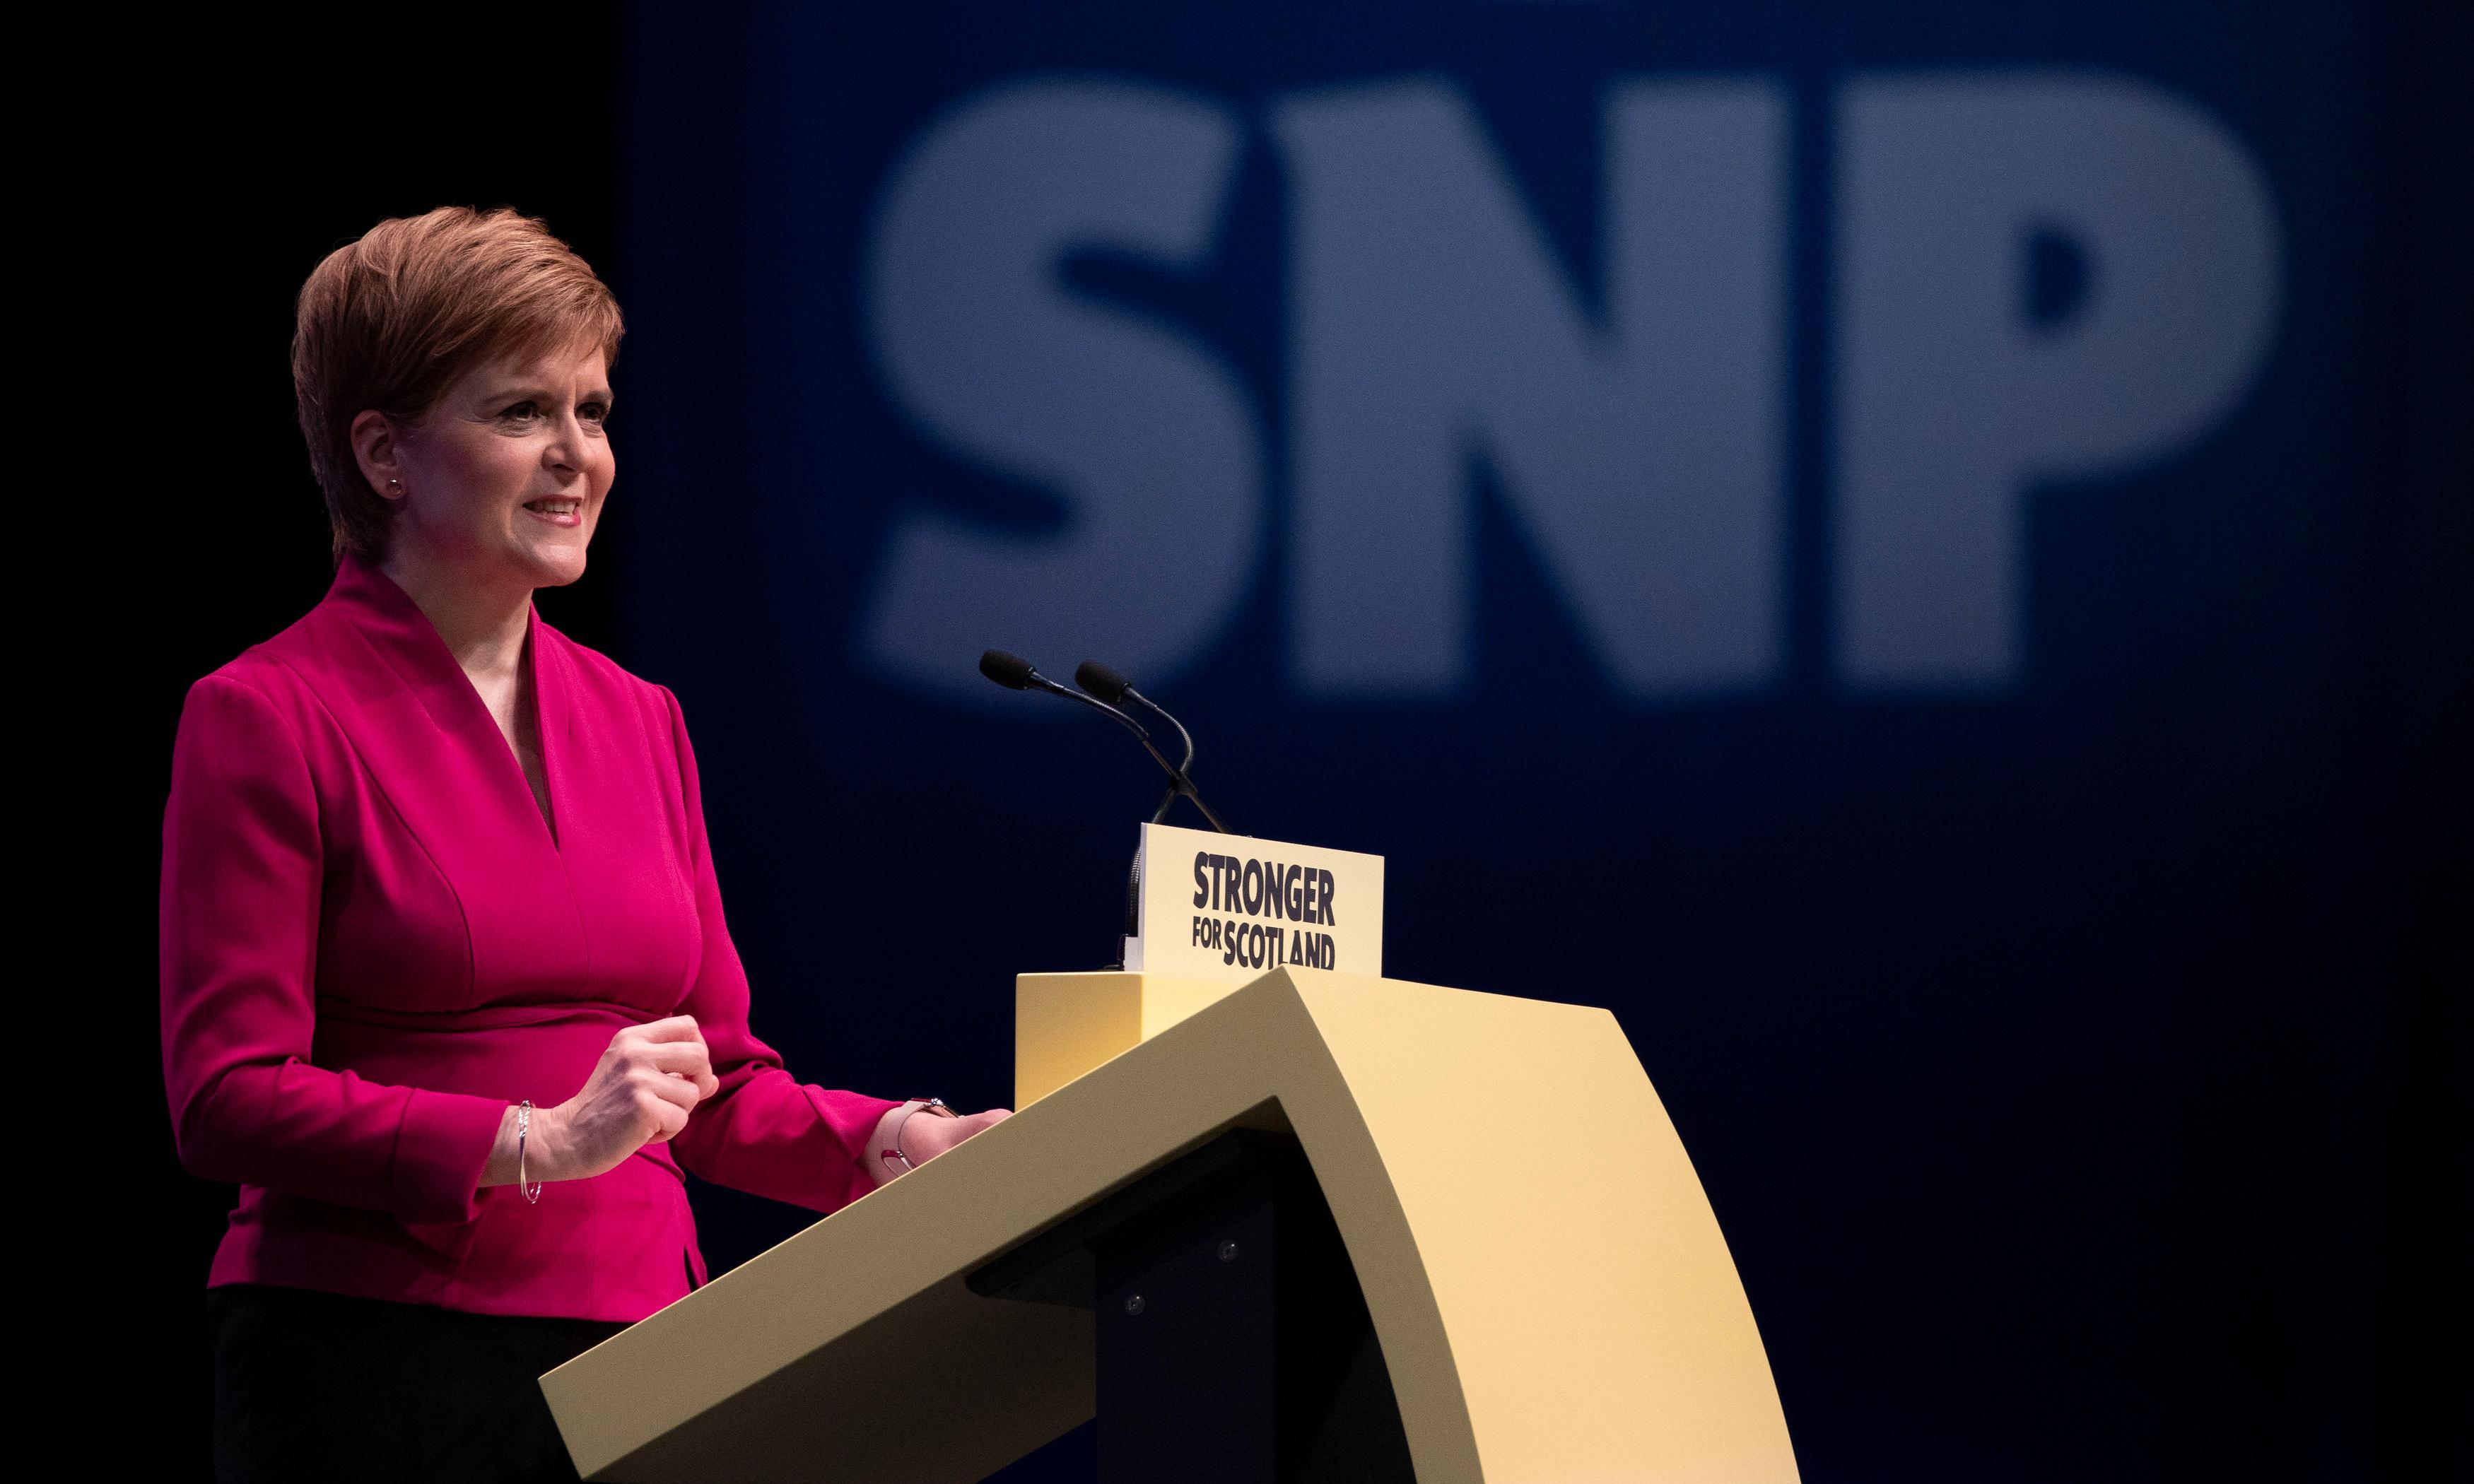 Nicola Sturgeon to demand powers for 2020 referendum